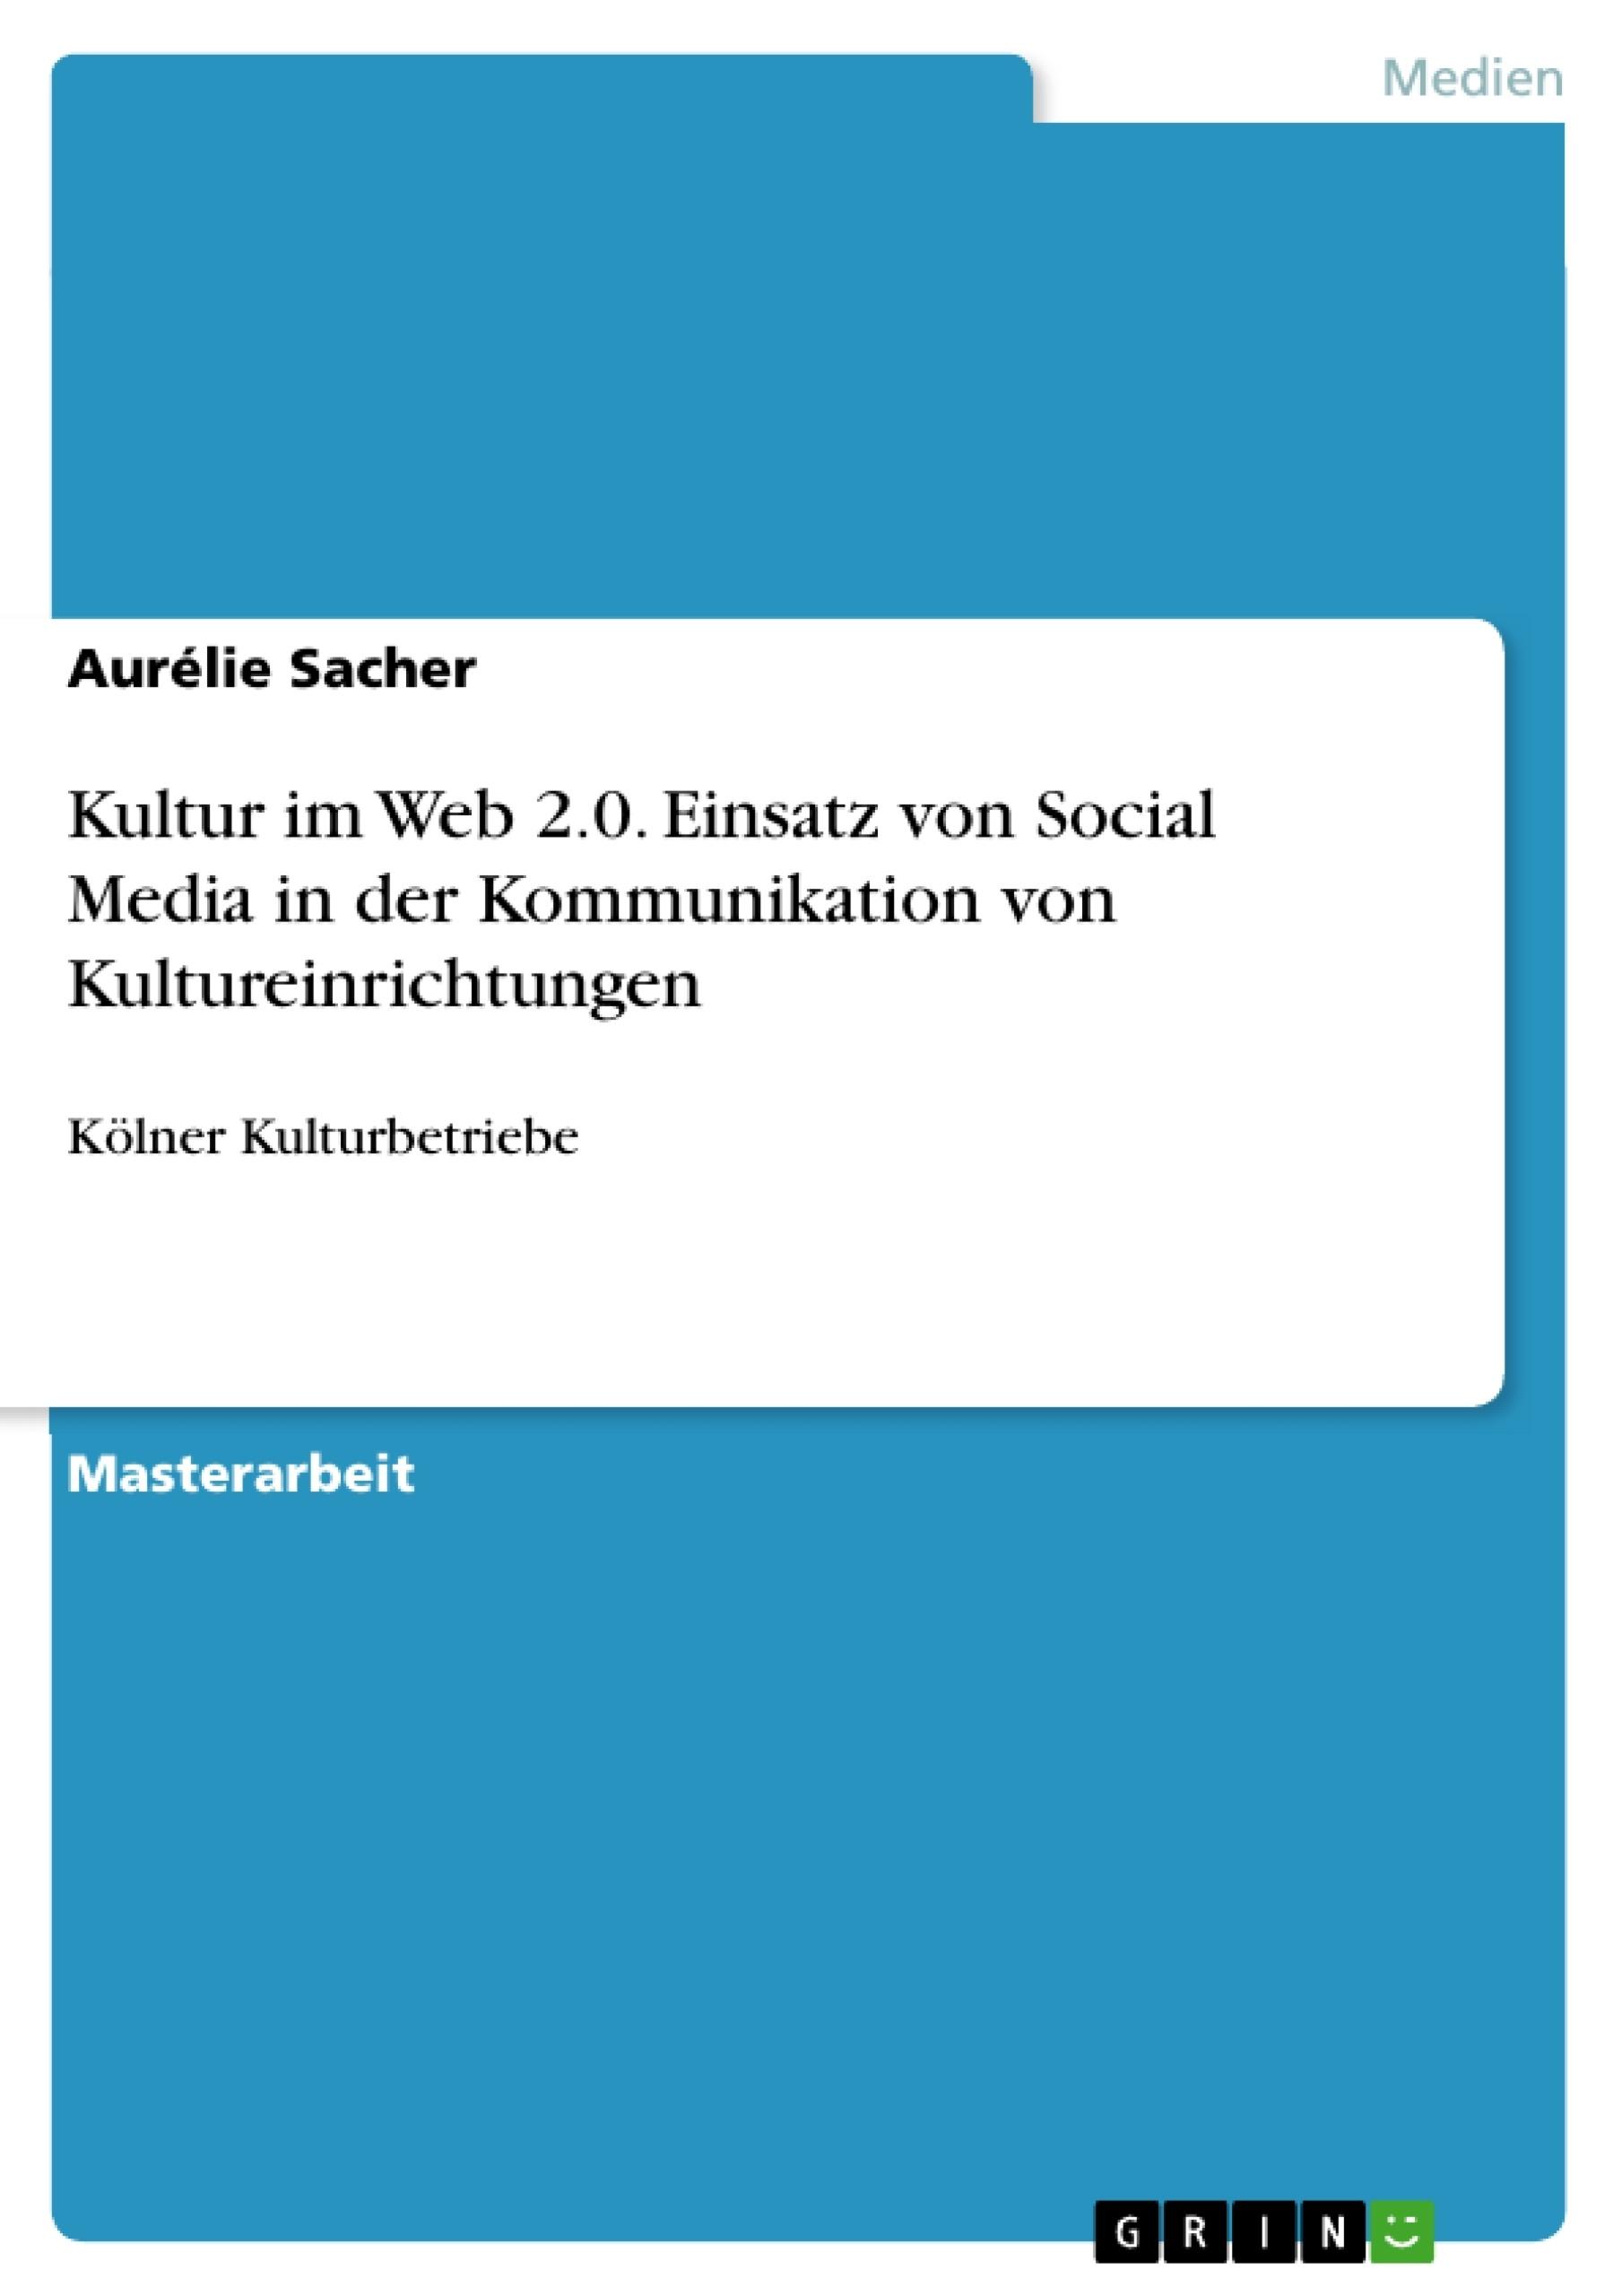 Titel: Kultur im Web 2.0. Einsatz von Social Media in der Kommunikation von Kultureinrichtungen